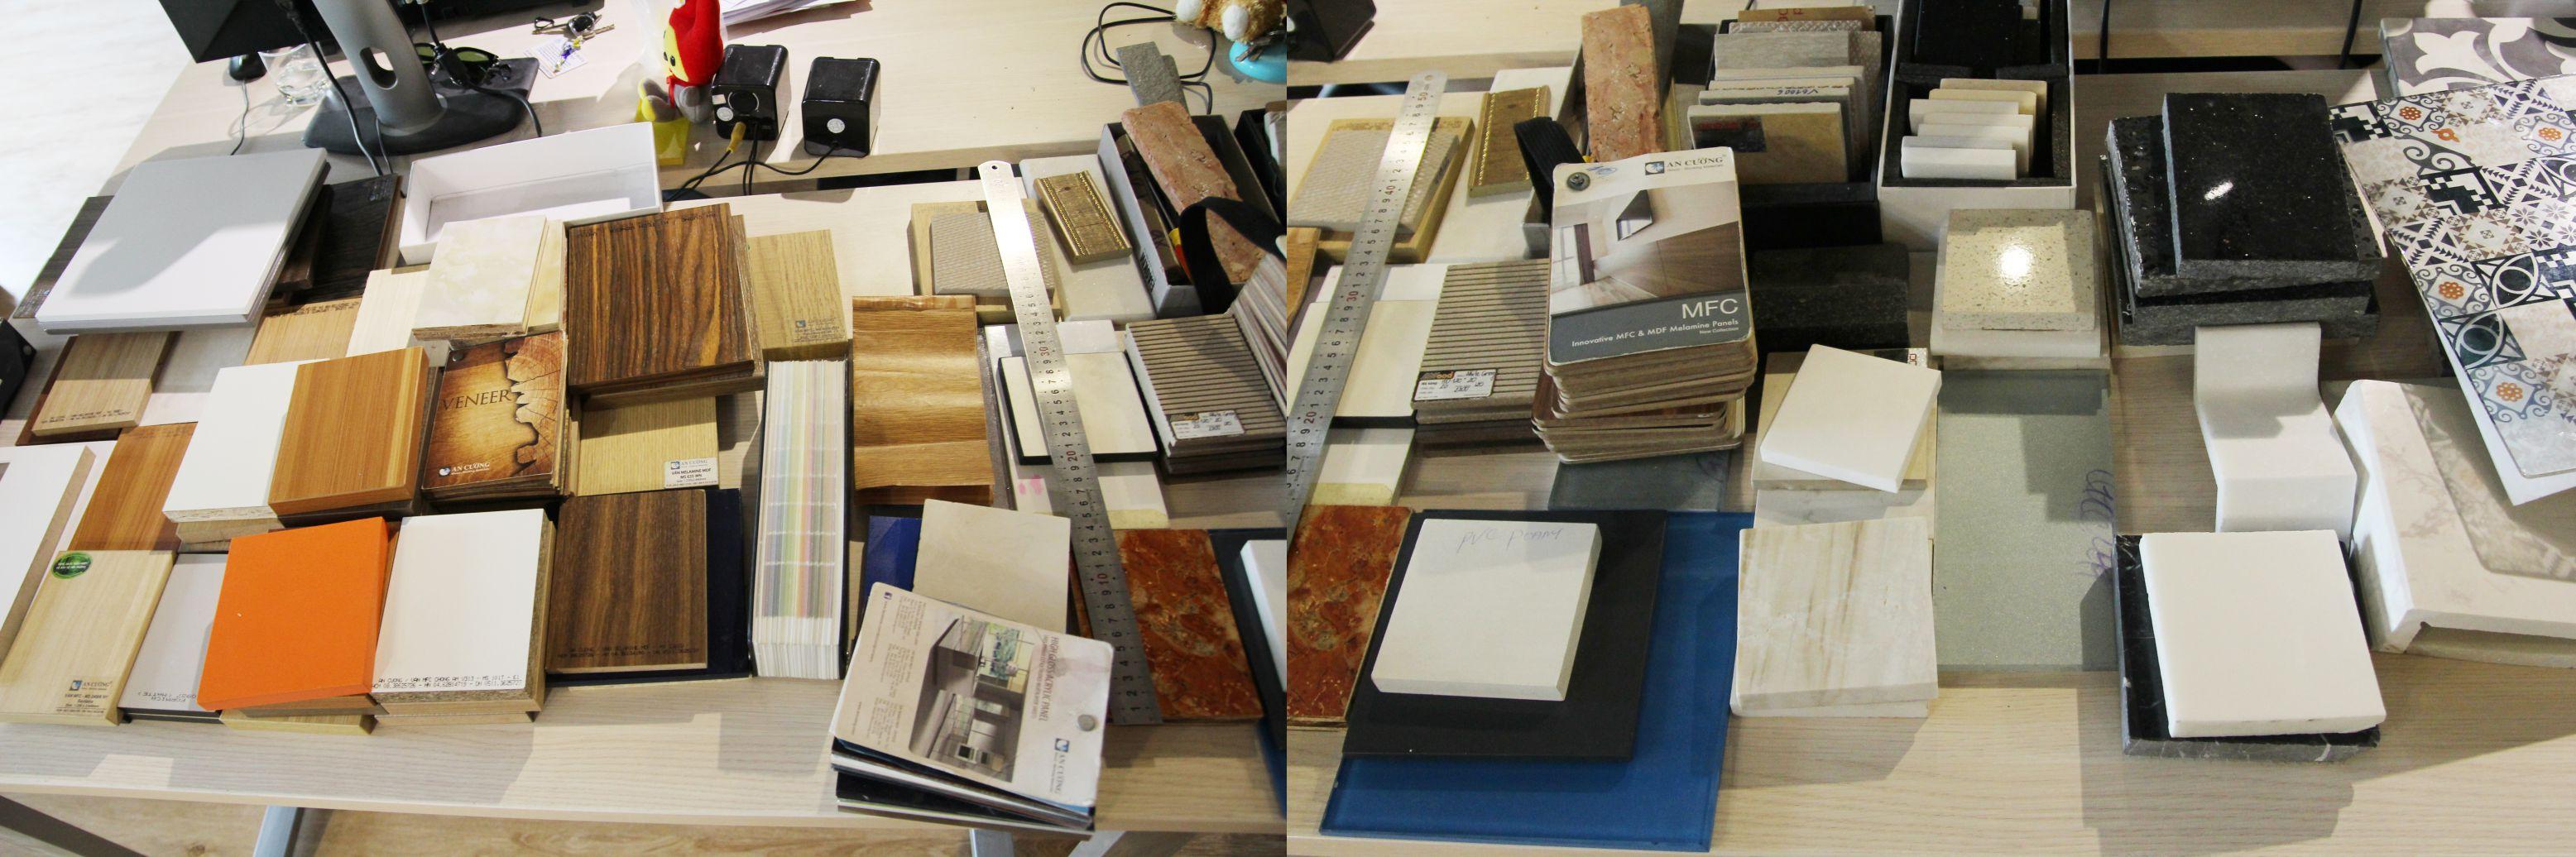 Hình ảnh mẫu vật liệu gỗ công nghiệp